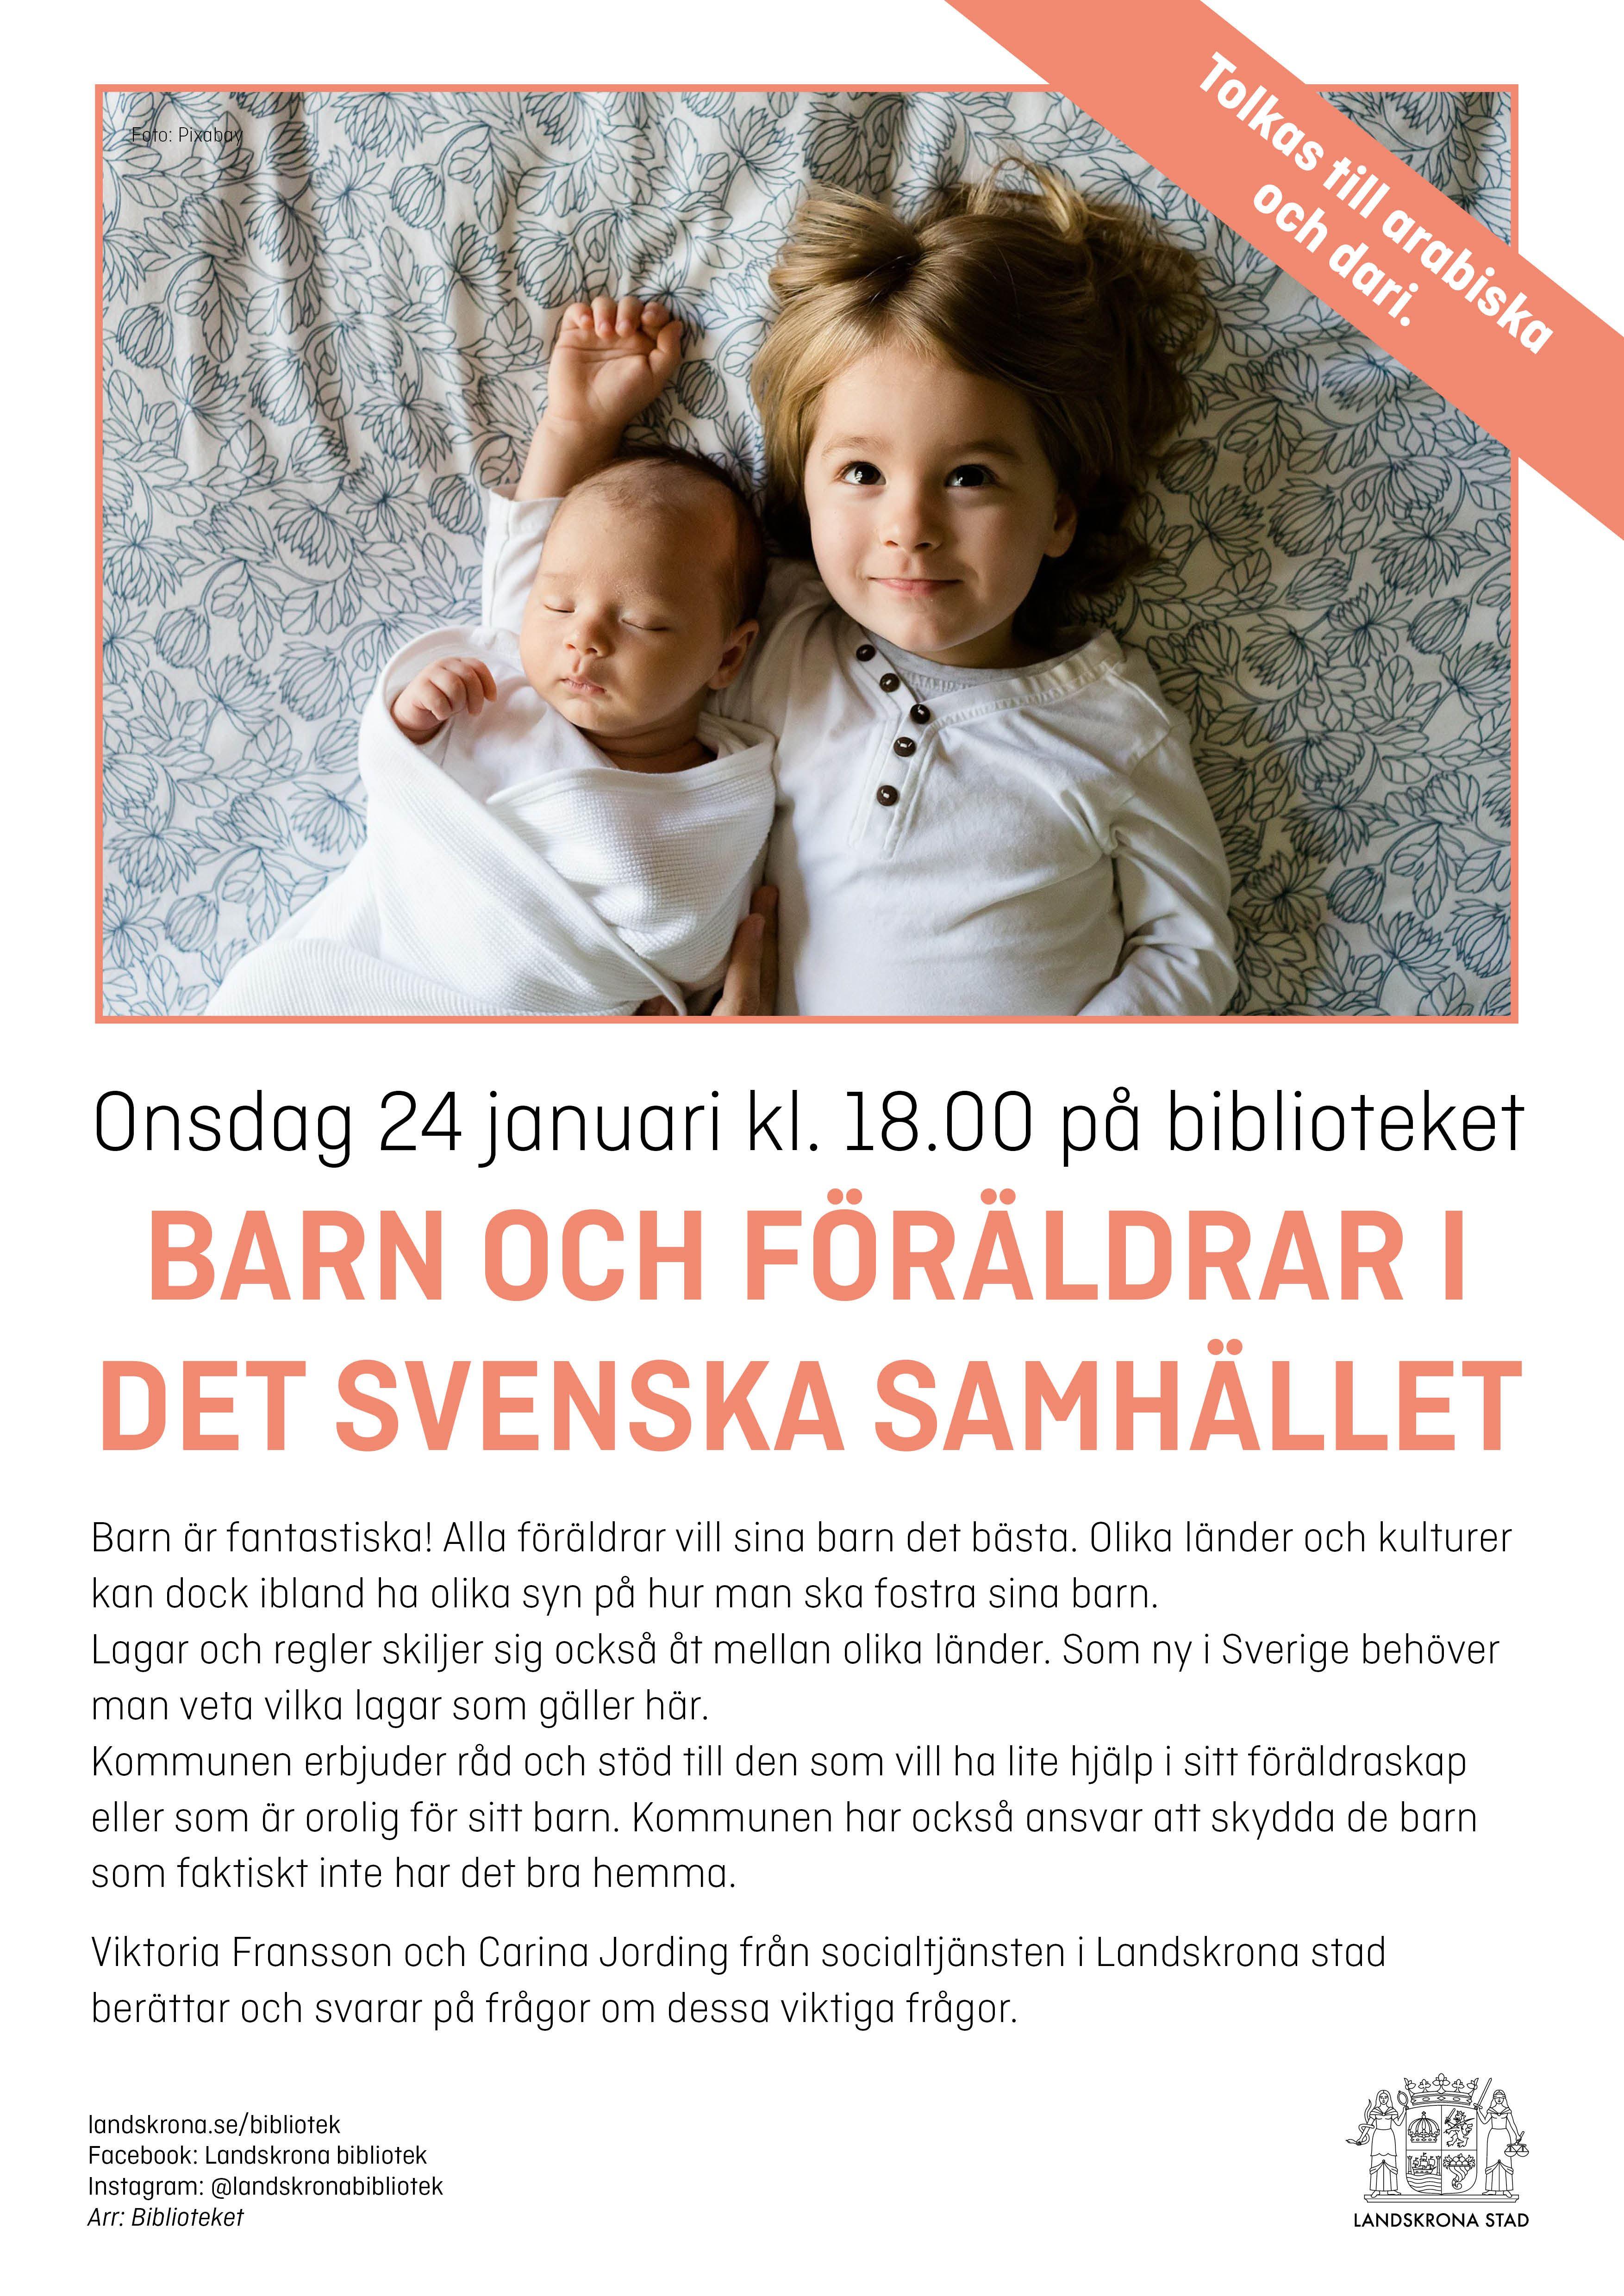 Barn och föräldrar i det svenska samhället